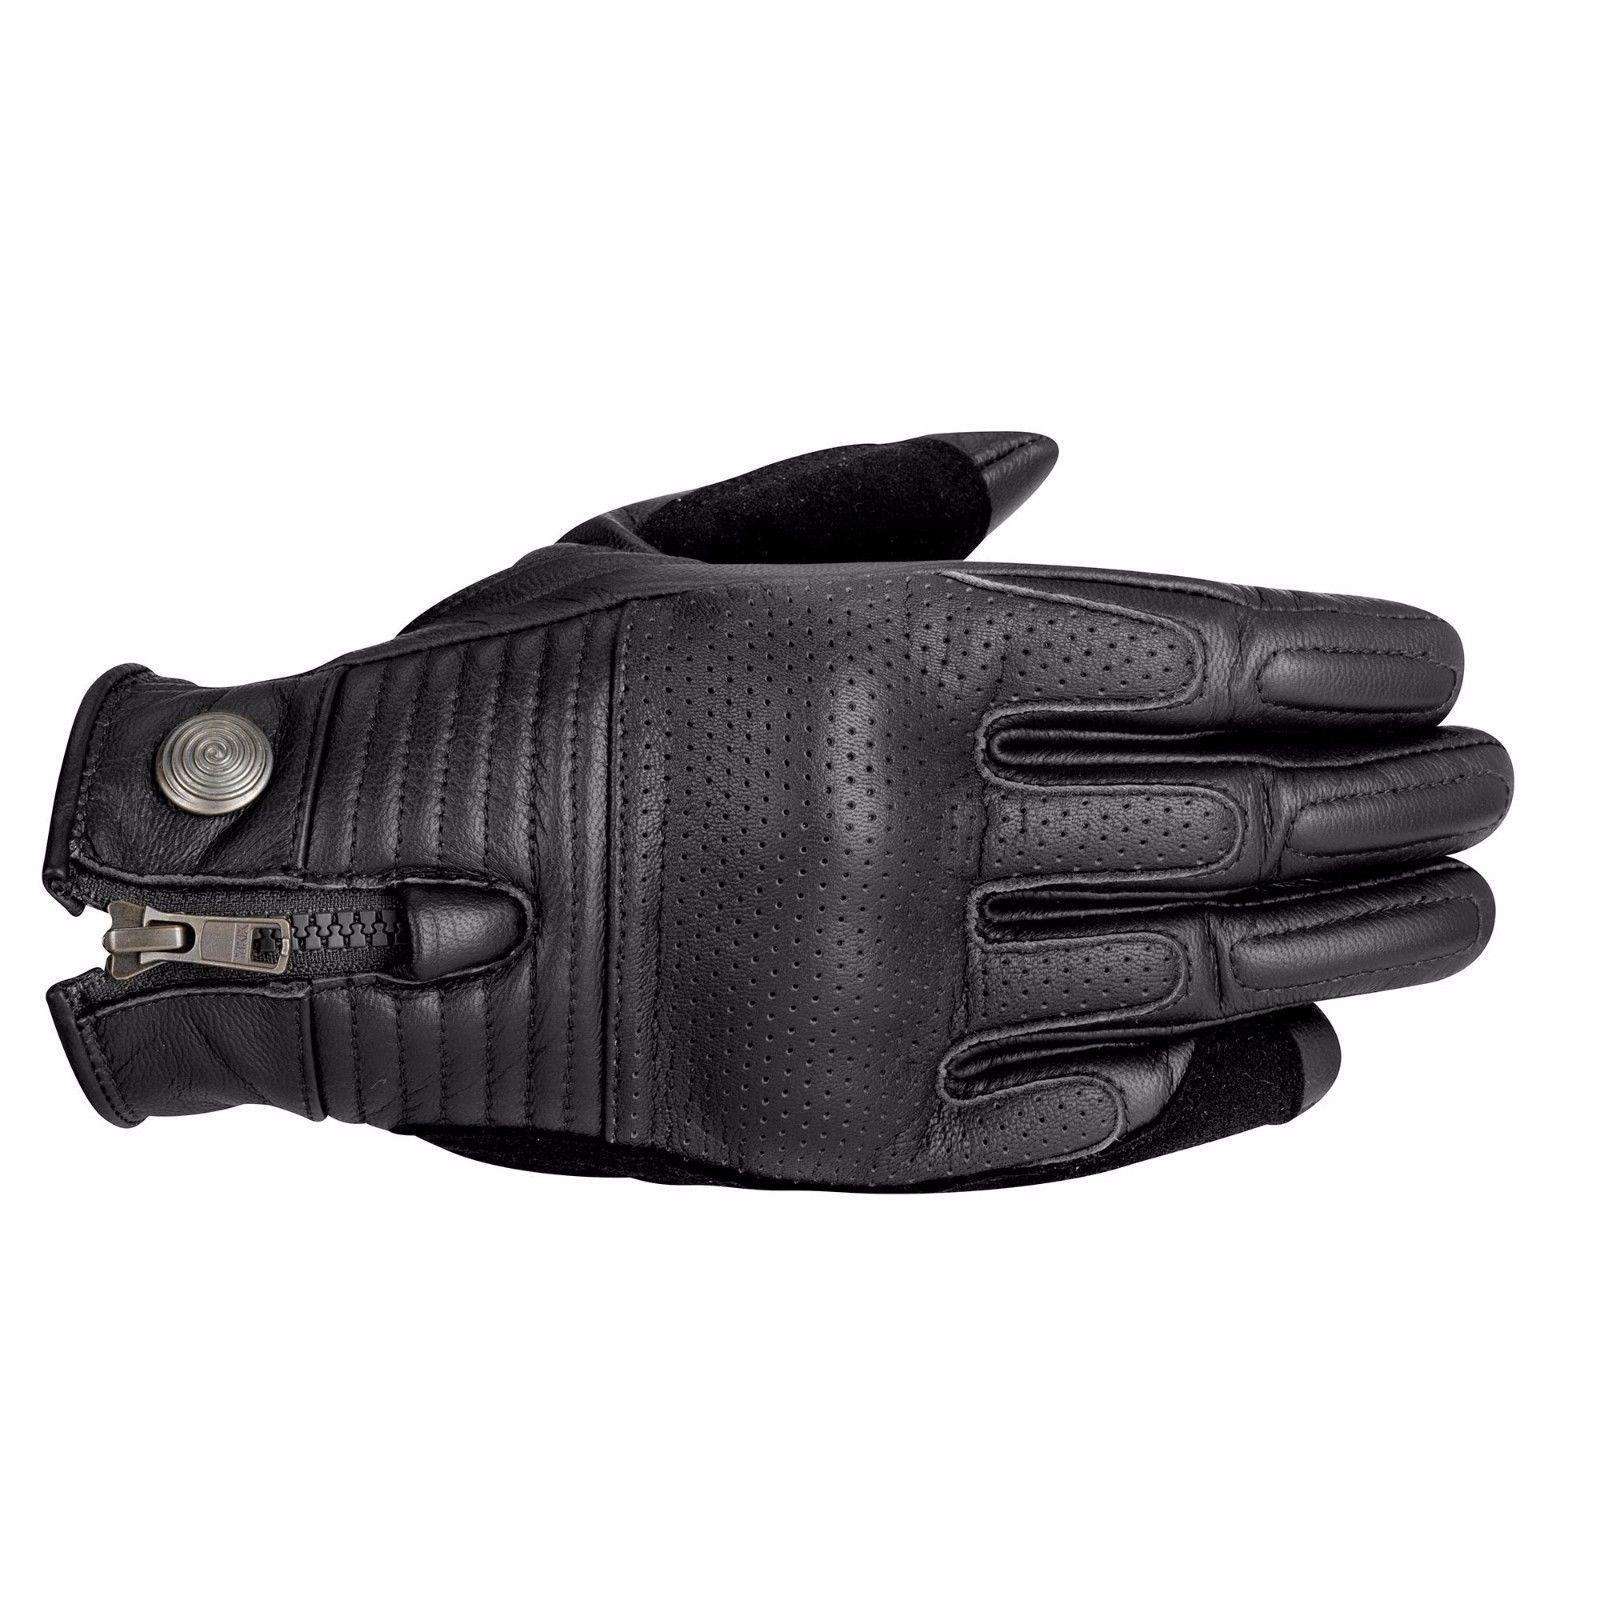 Motorcycle gloves xl - Alpinestars Oscar Rayburn Xl Motorcycle Gloves Vintage Look Leather Scrambler